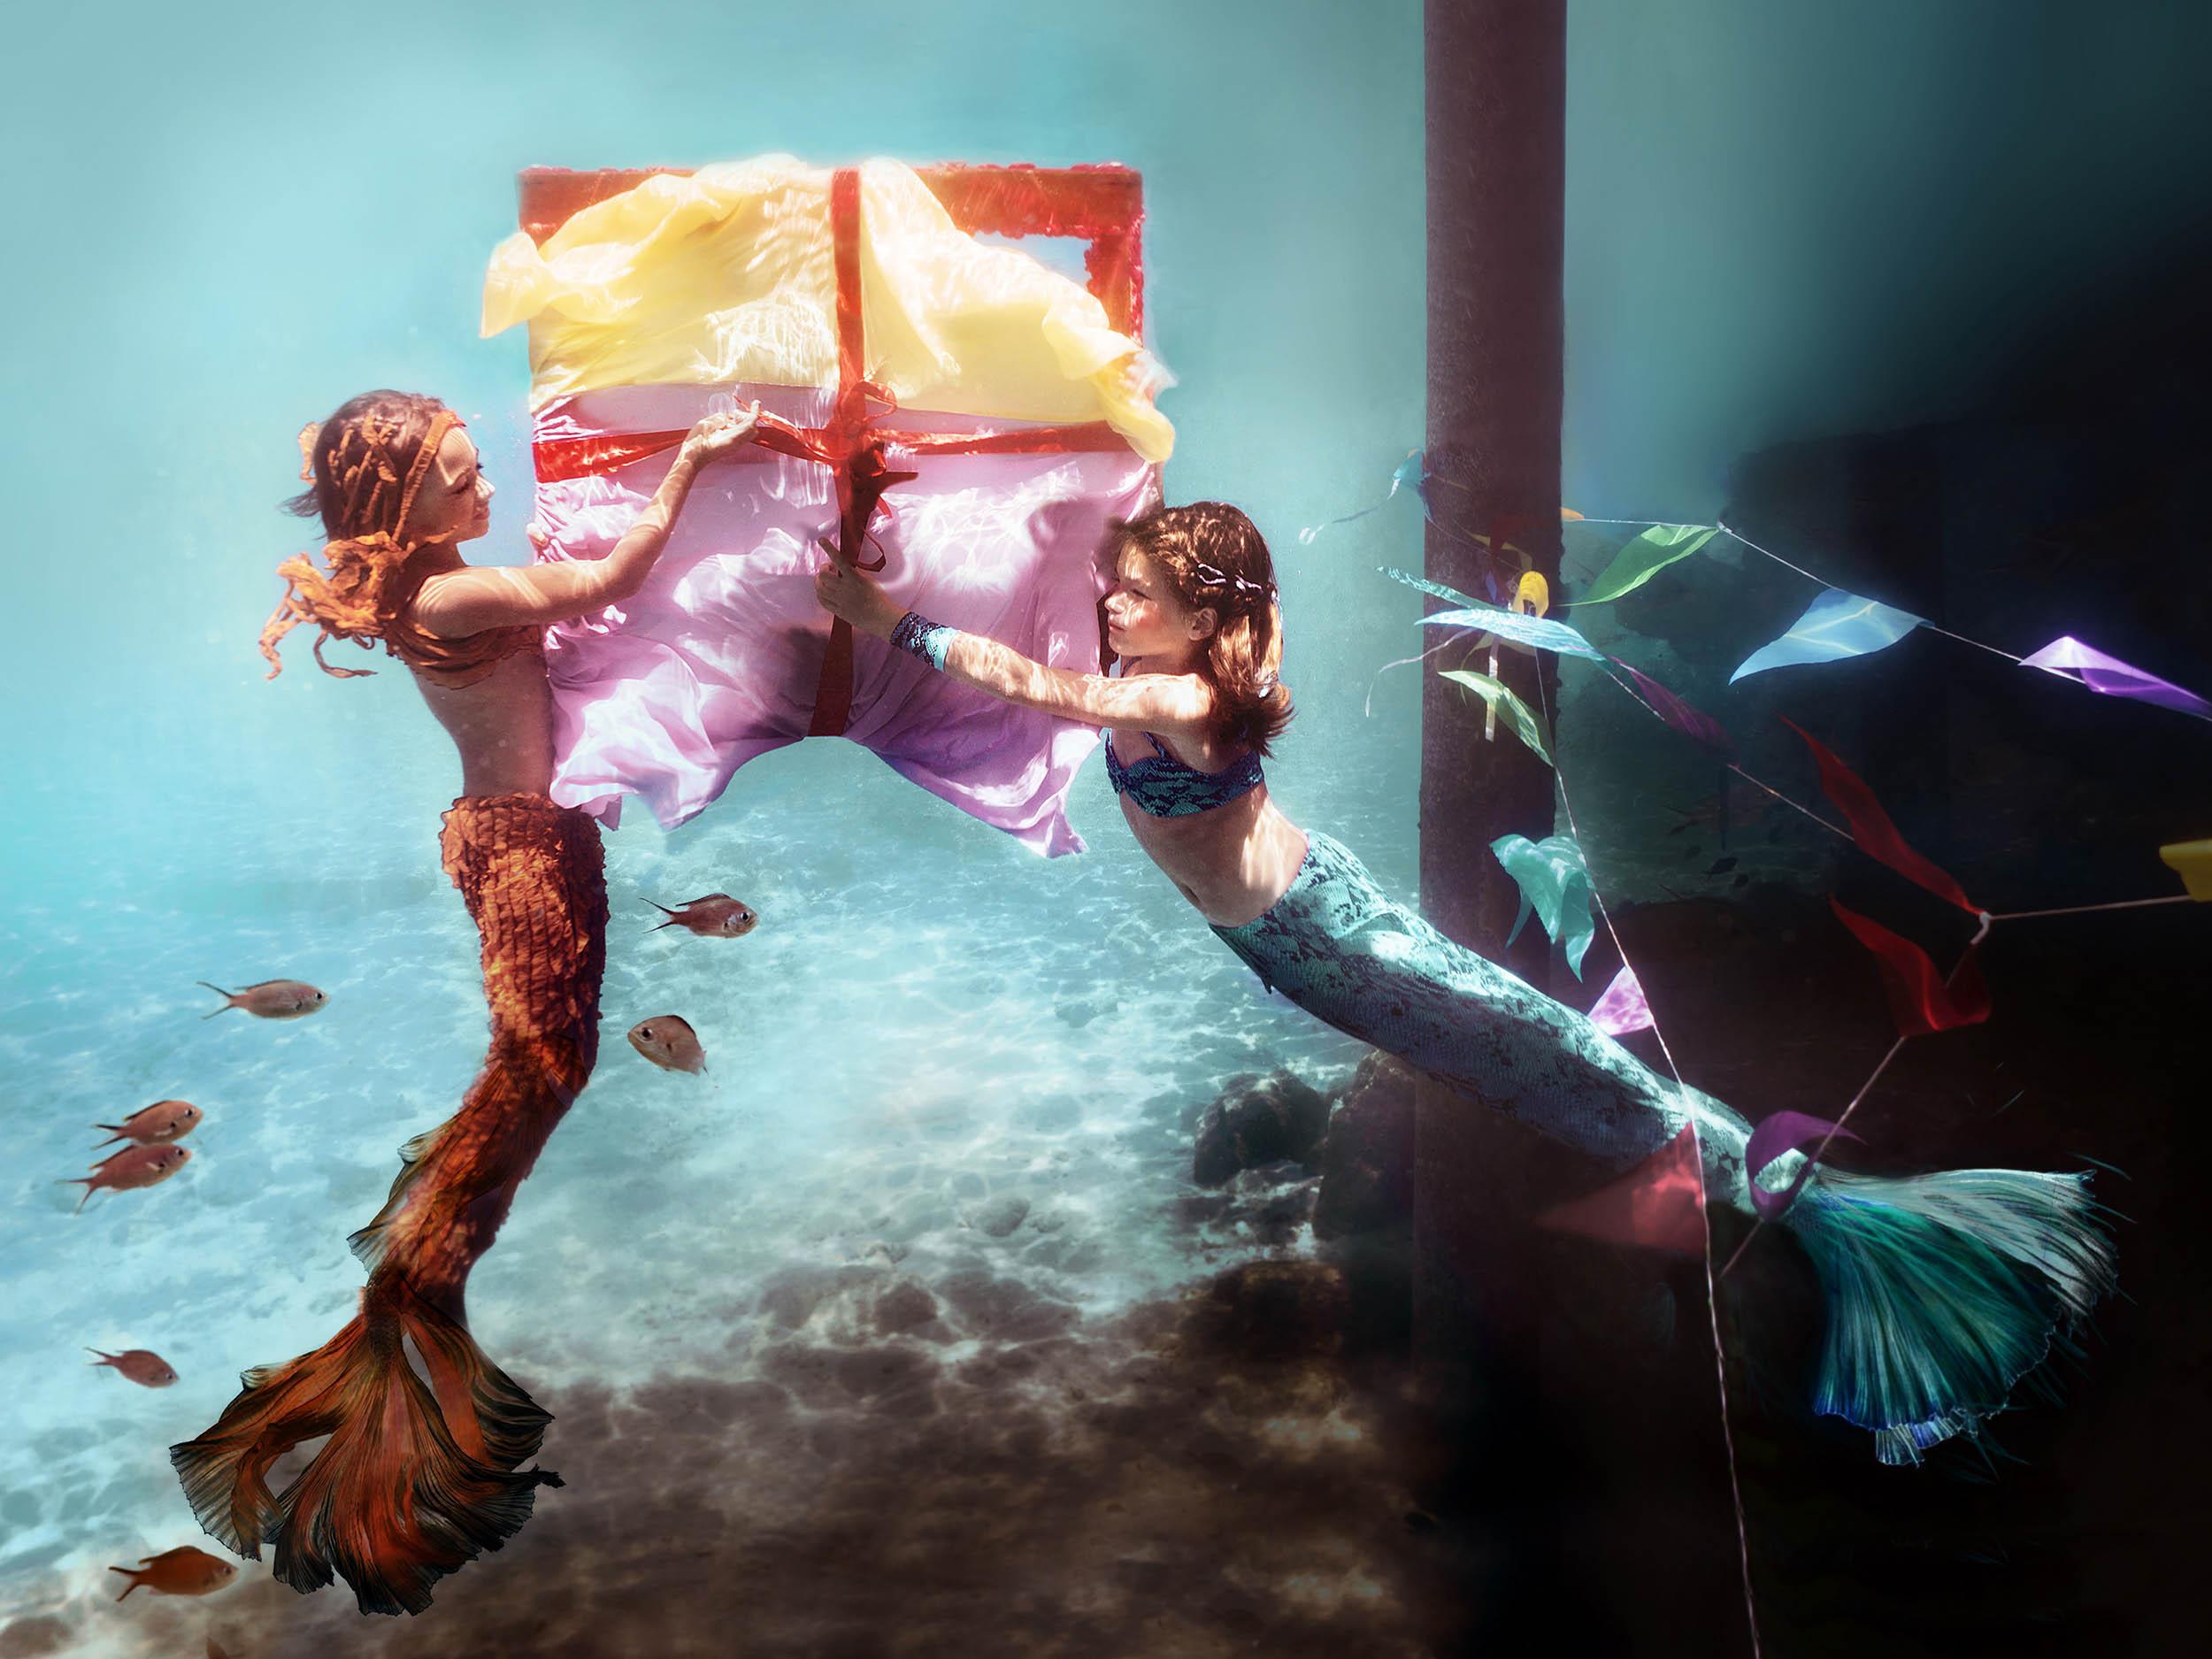 zeemeerminnen kinderen fotoshoot